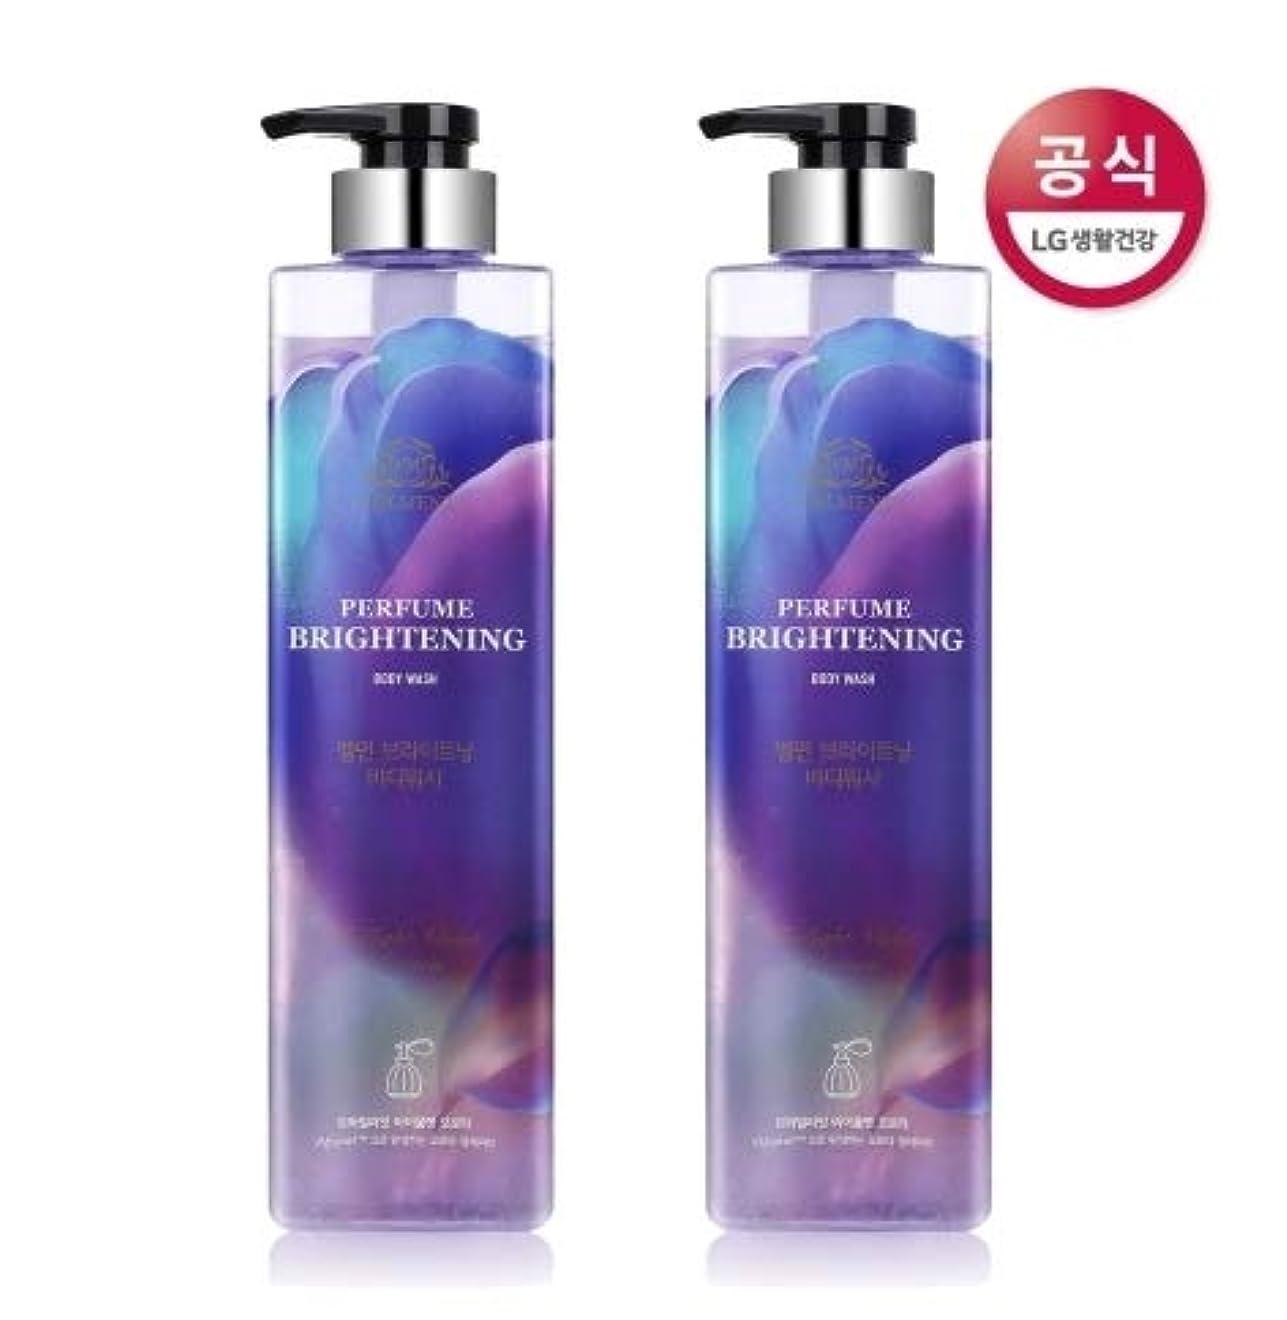 広まった空白折り目[LG HnB] On the Body Belman Perfume Brightening Body Wash / オンザボディベルモンパフュームブライトニングボディウォッシュ680mlx2個(海外直送品)